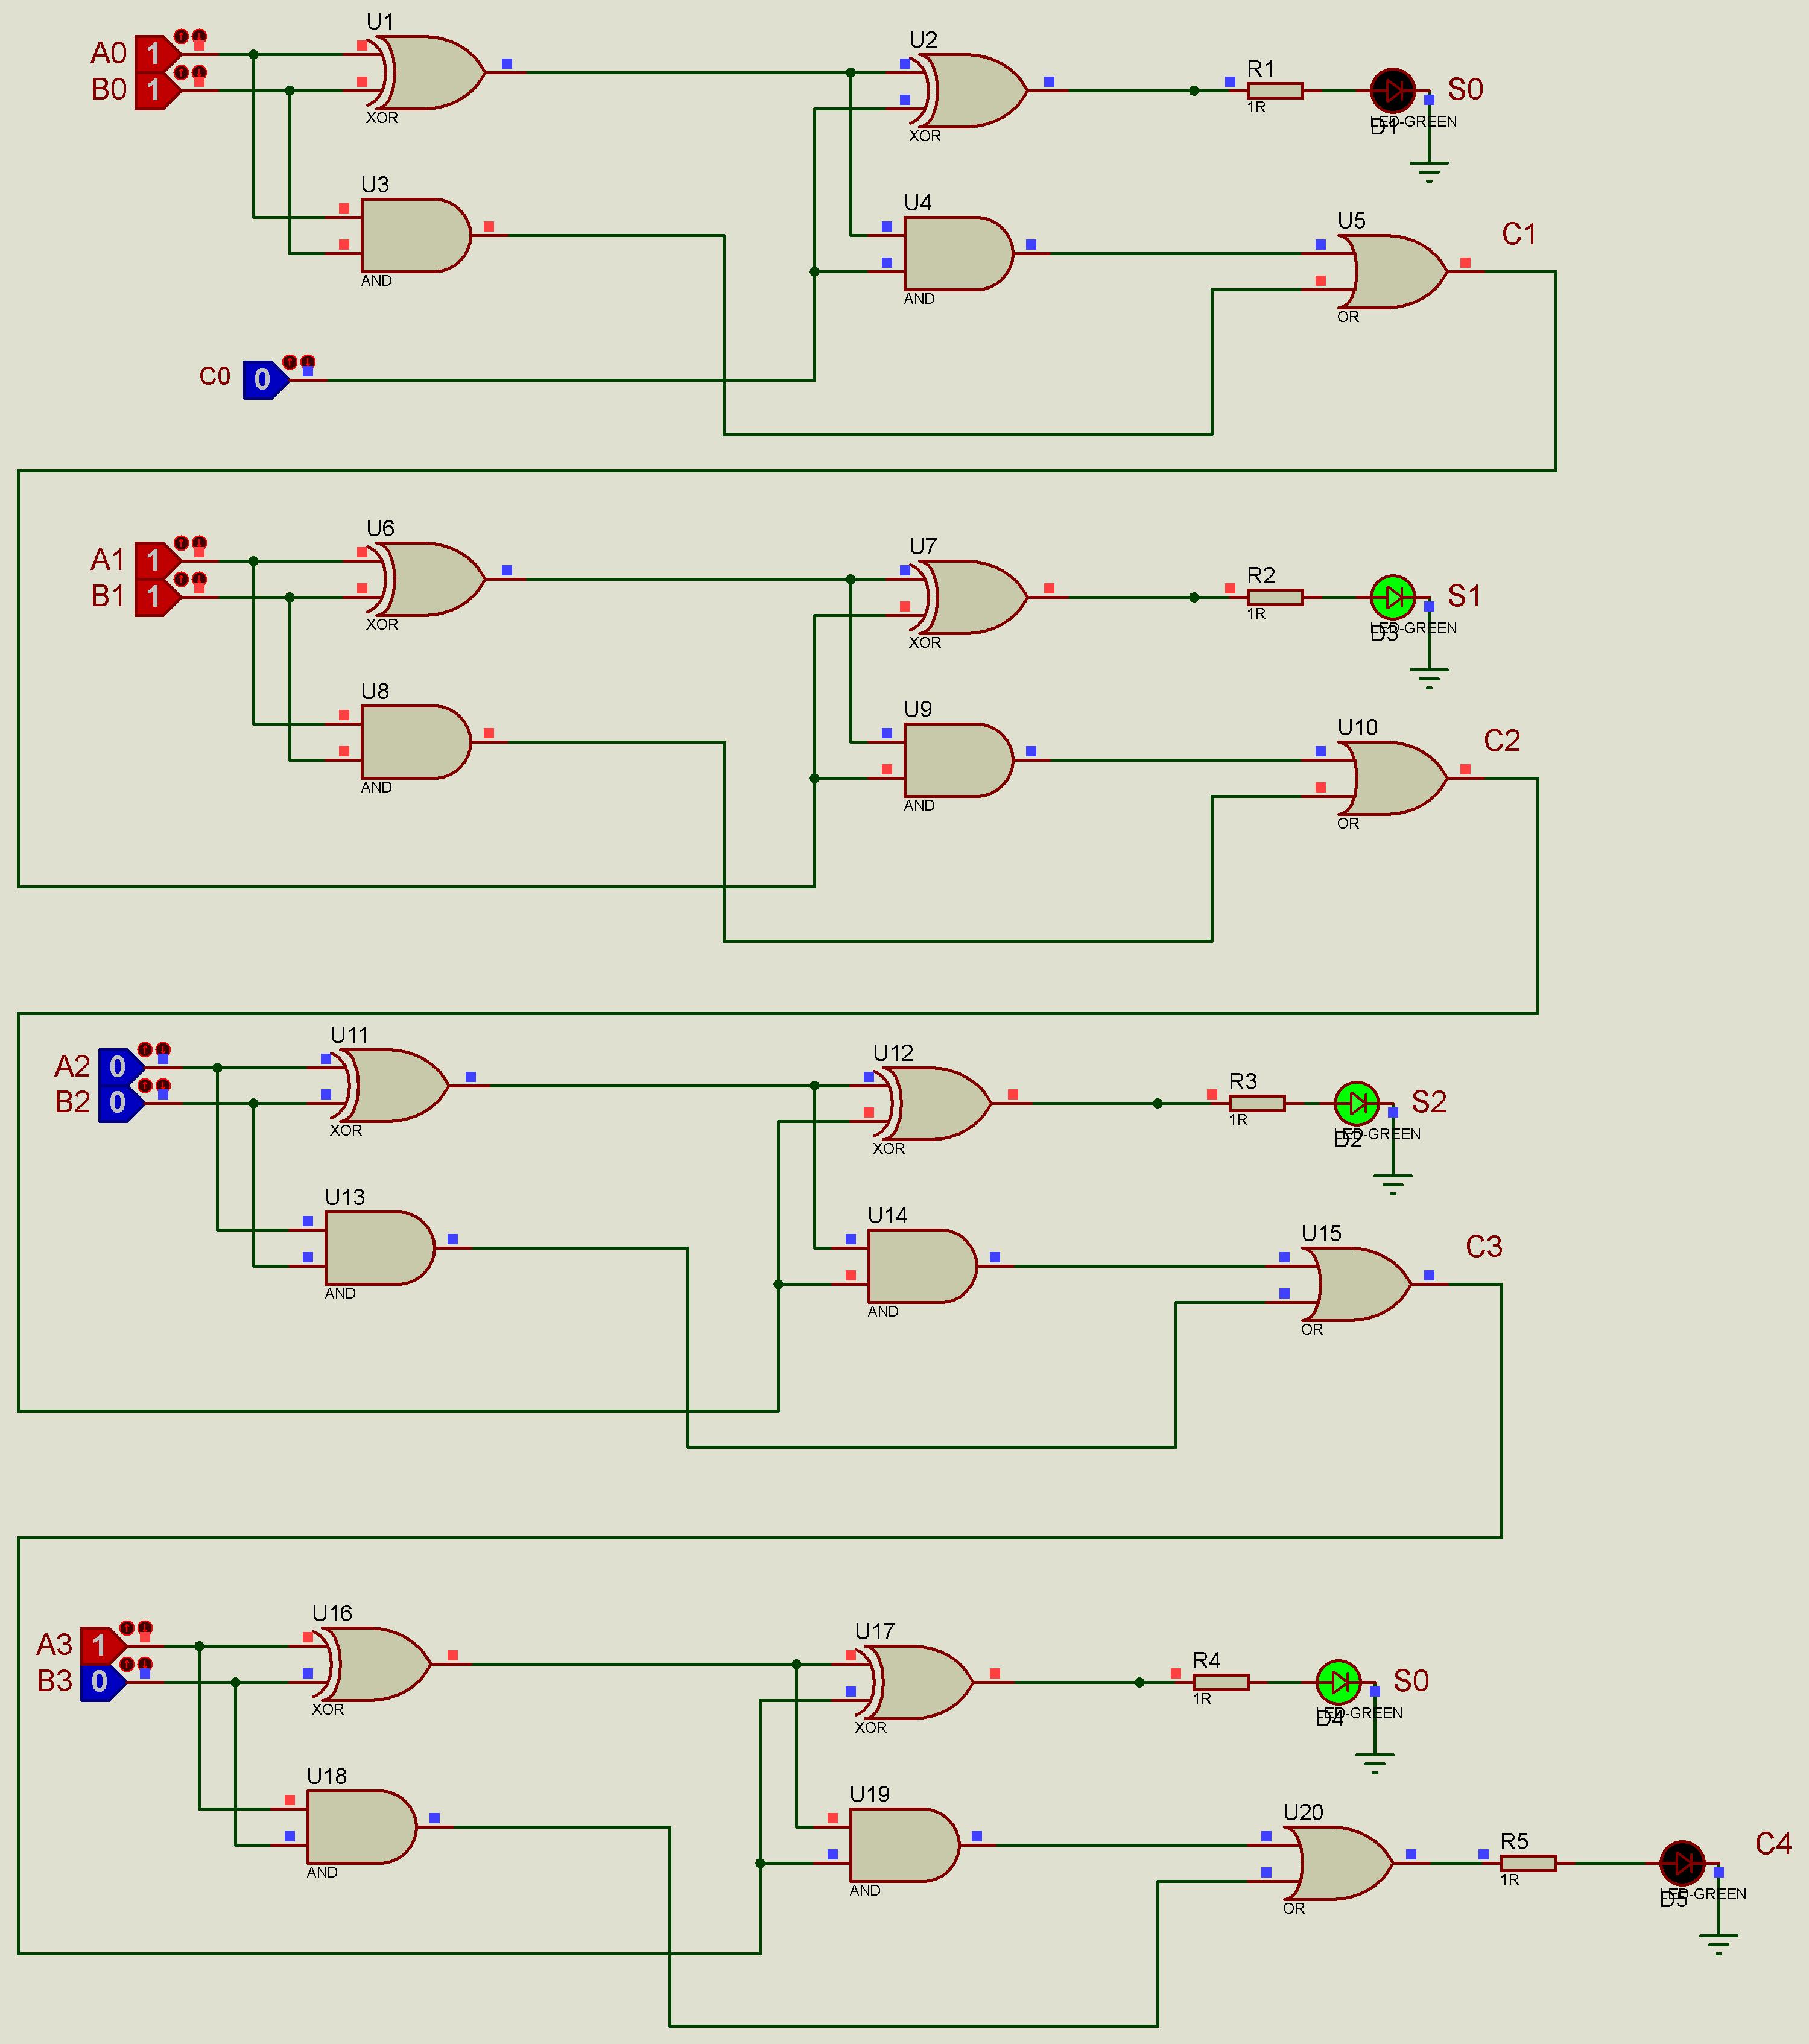 جمع کننده کامل 4 بیتی با نمایش led در پروتئوس